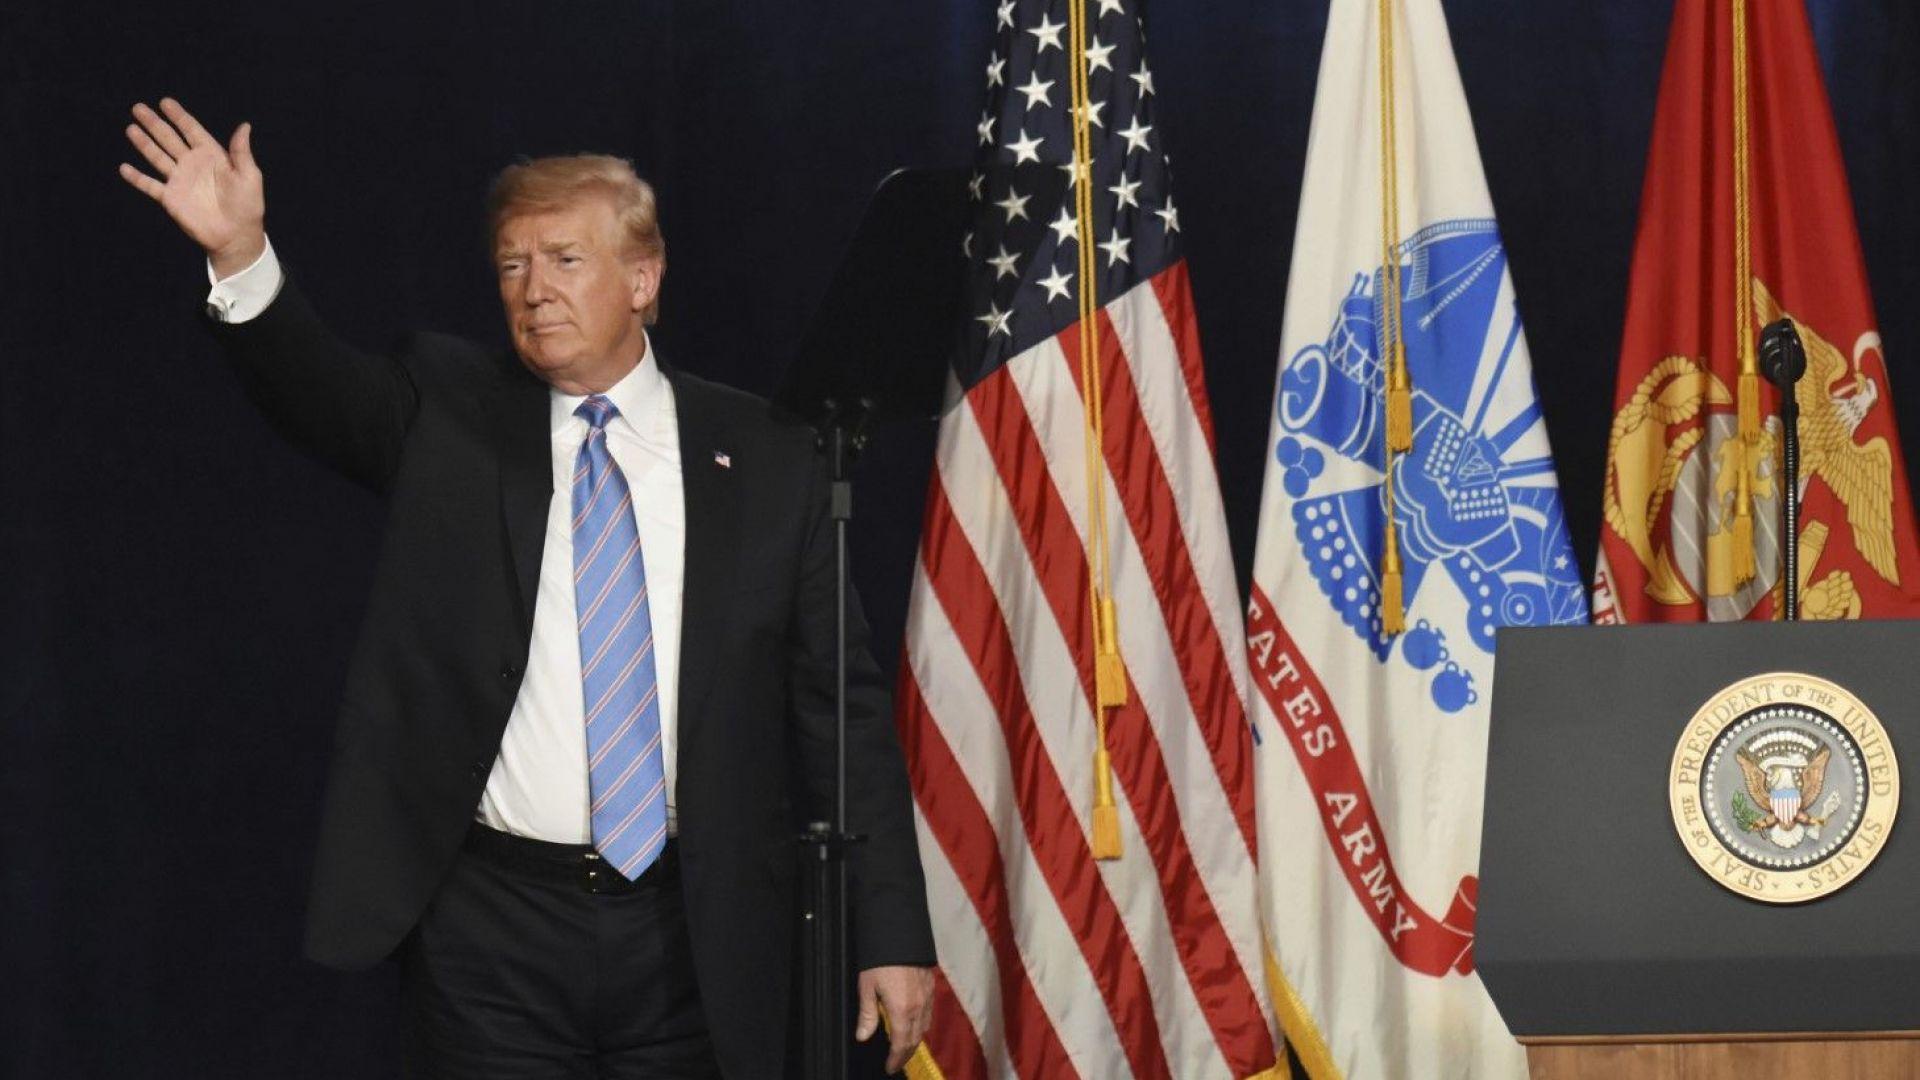 Румен Радев поздрави Доналд Тръмп за националния празник на САЩ